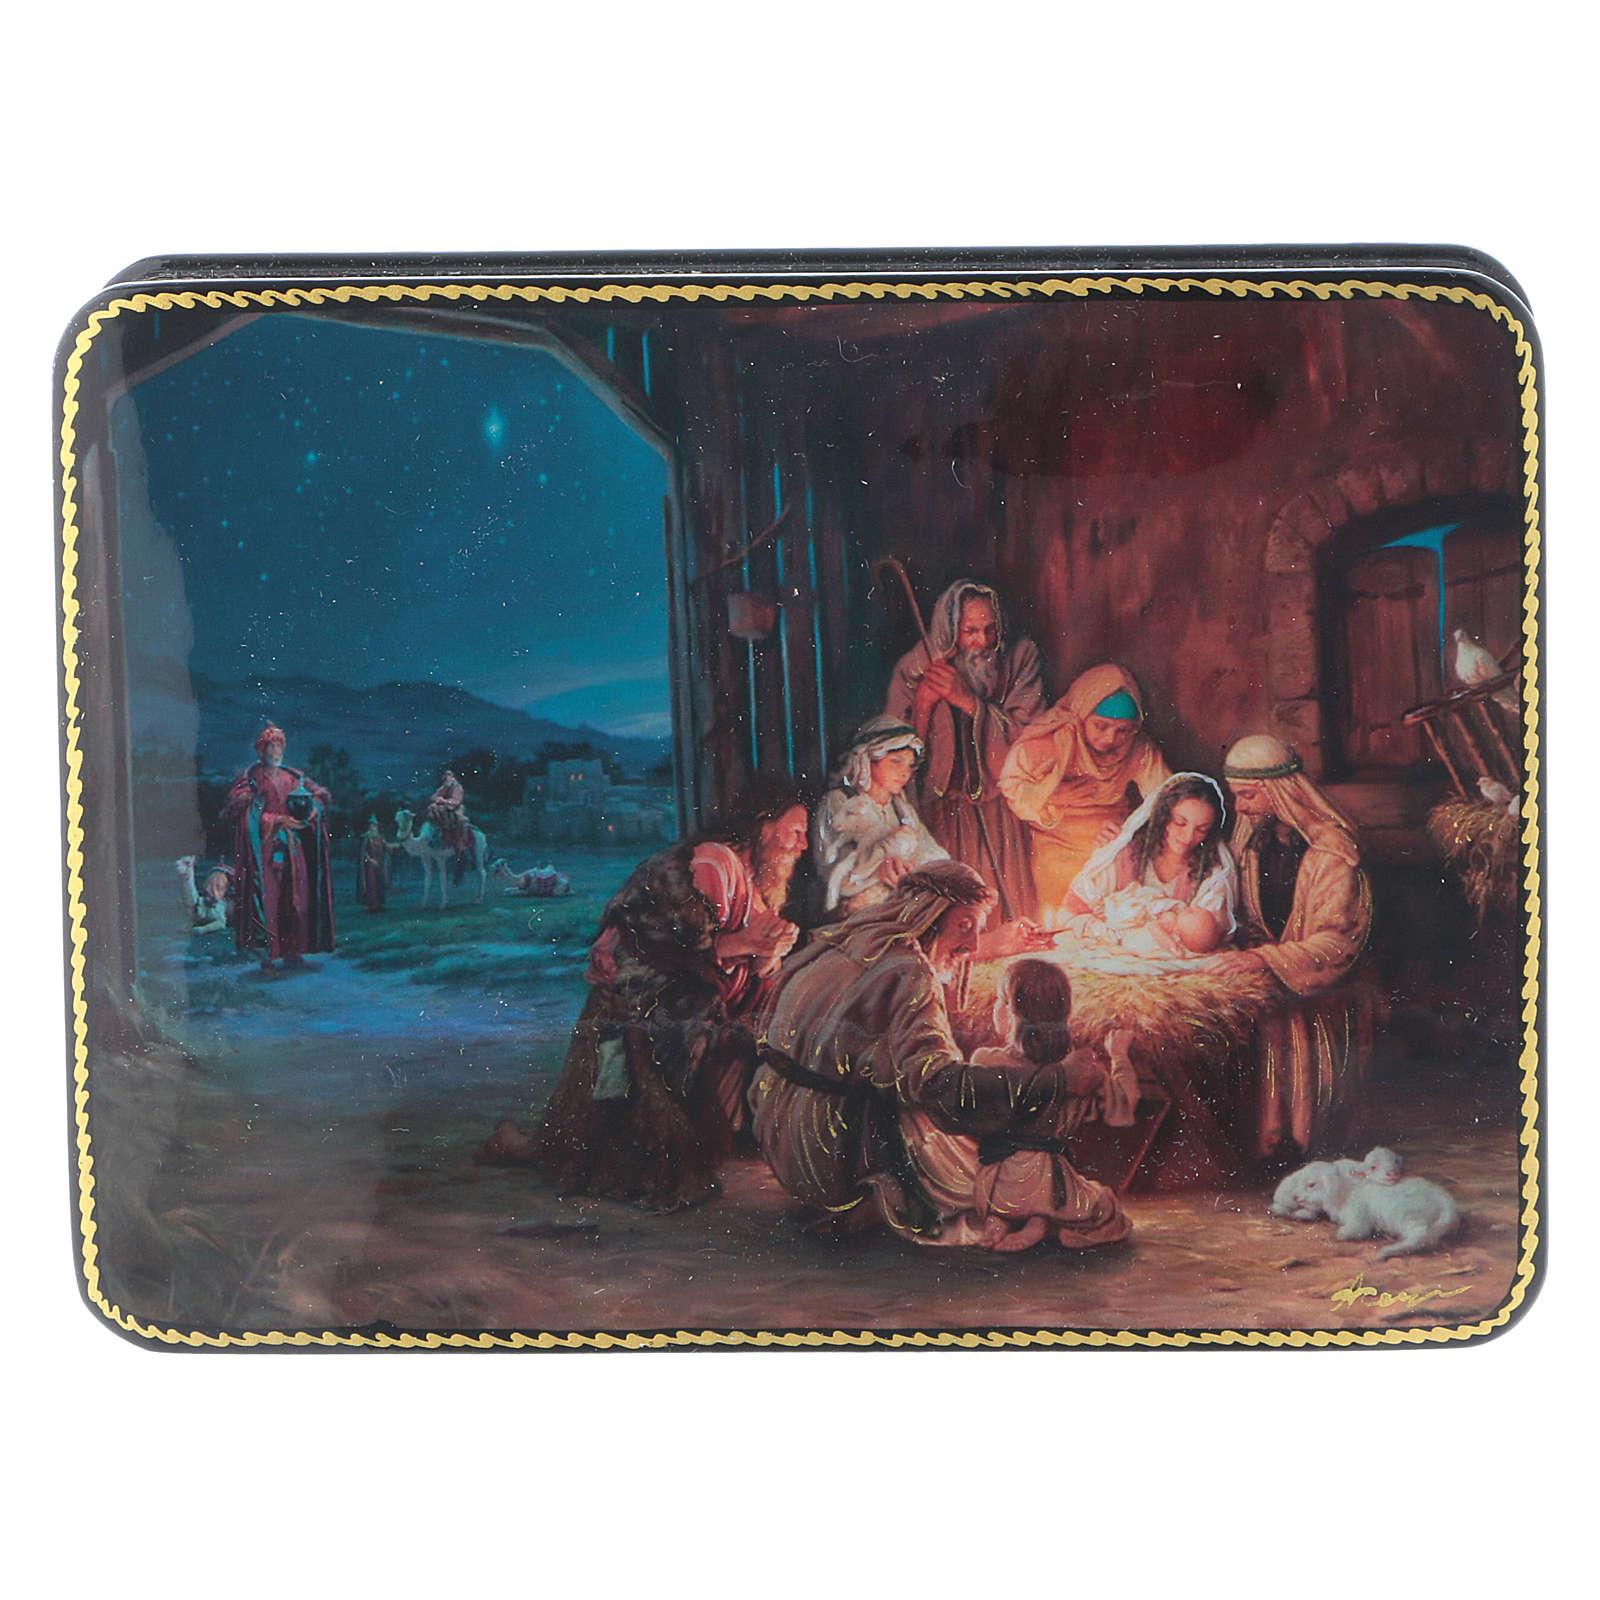 Scatola russa cartapesta Nascita Cristo e Adorazione Fedoskino style 15x11 4